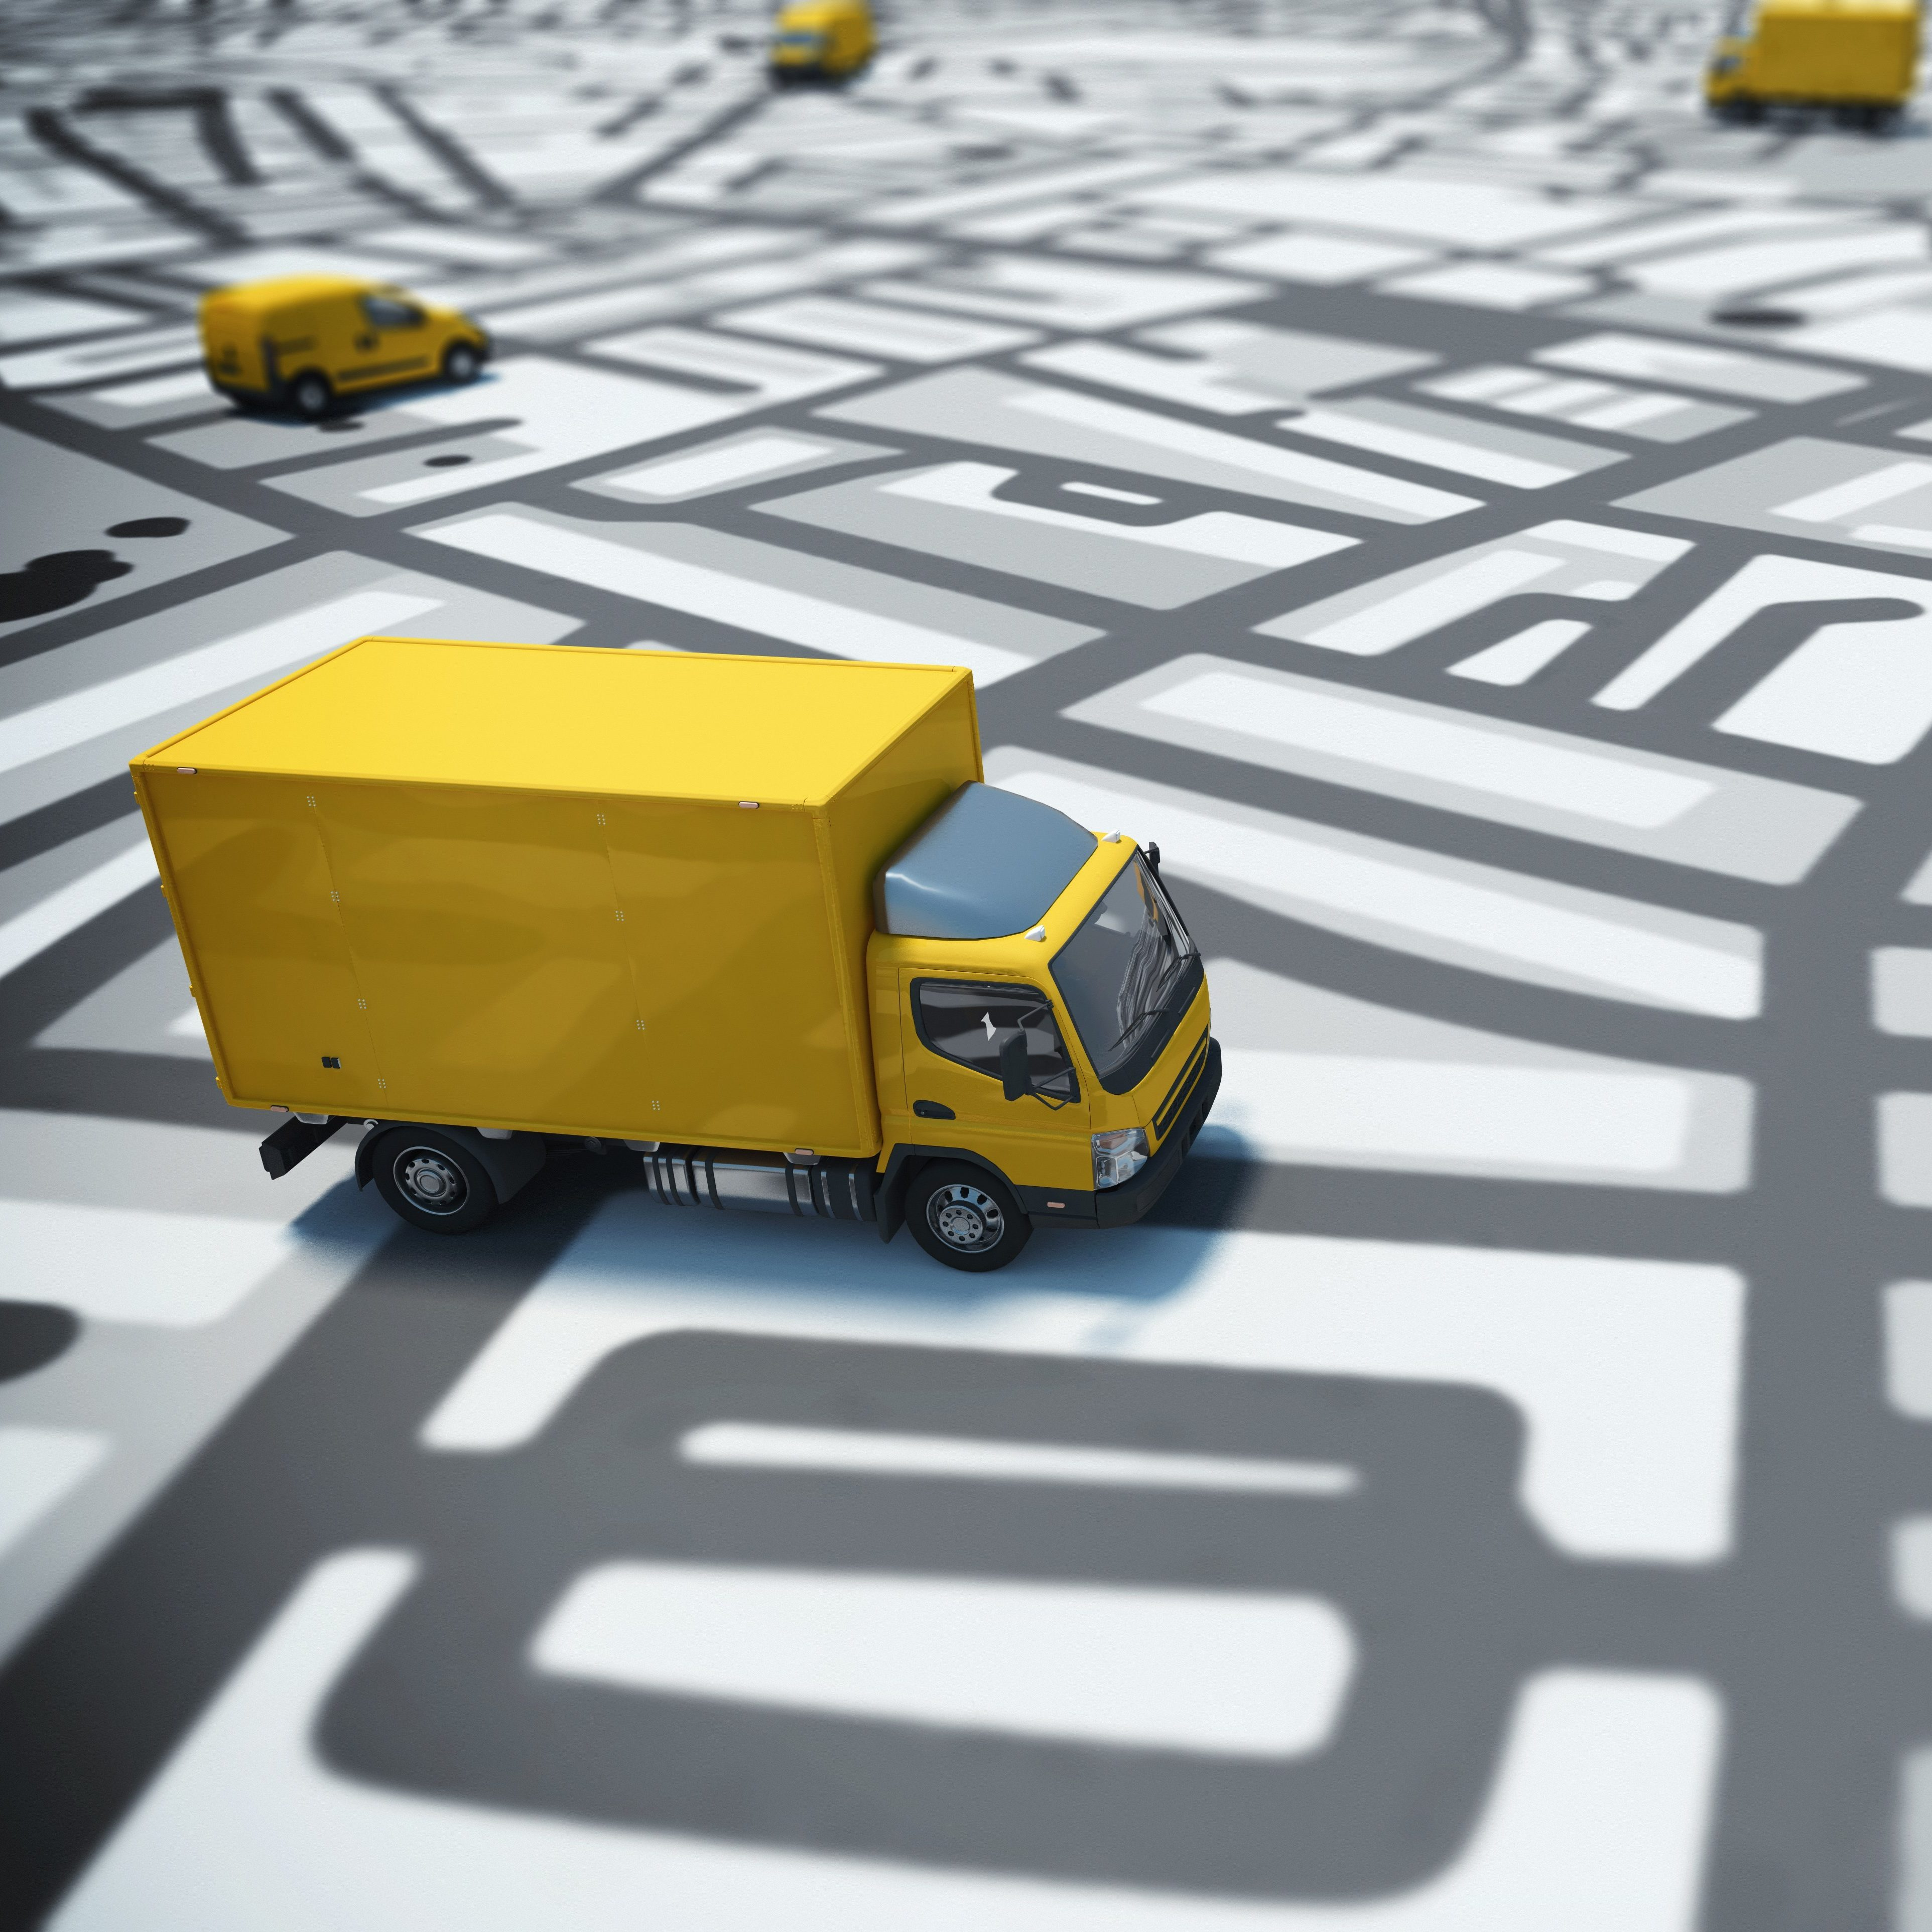 Kamion szervíz és diagnosztika, chiptuning beszerelés, villamossági javítások, sebességkorlátozó berendezések beszerelése, vizsgálata, tachográf készülékek 6 éves pontossági vizsgálata